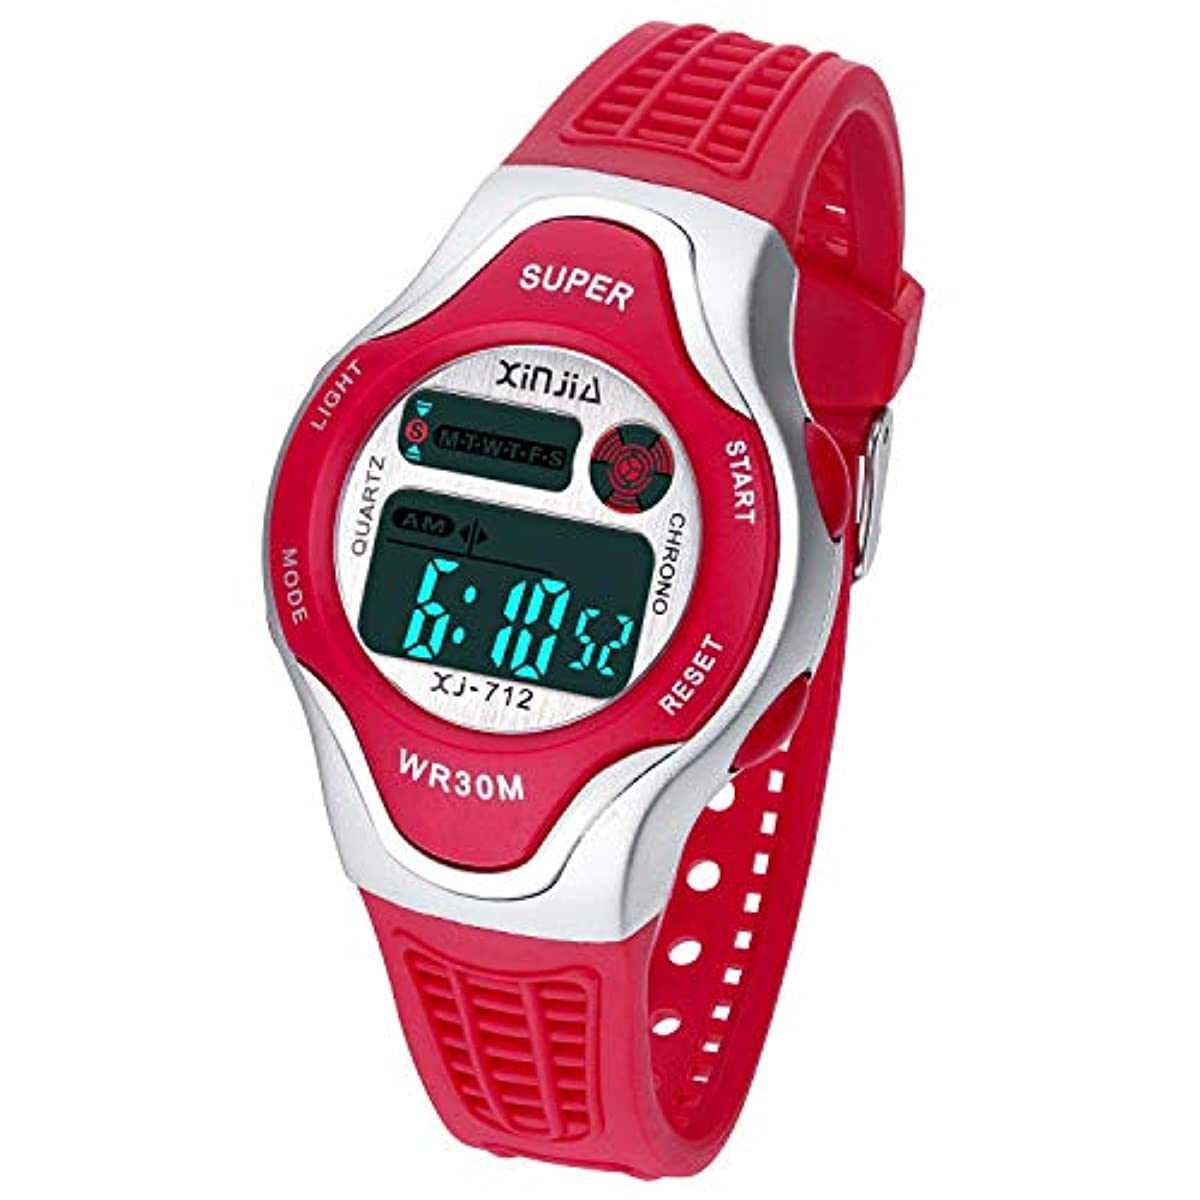 [어린이 손목시계 장난감 완구 캐릭터] Kids Digital Watch Waterproof Back Light Sports Outdoor Wrist Watches with Alarm for Boys and Girls